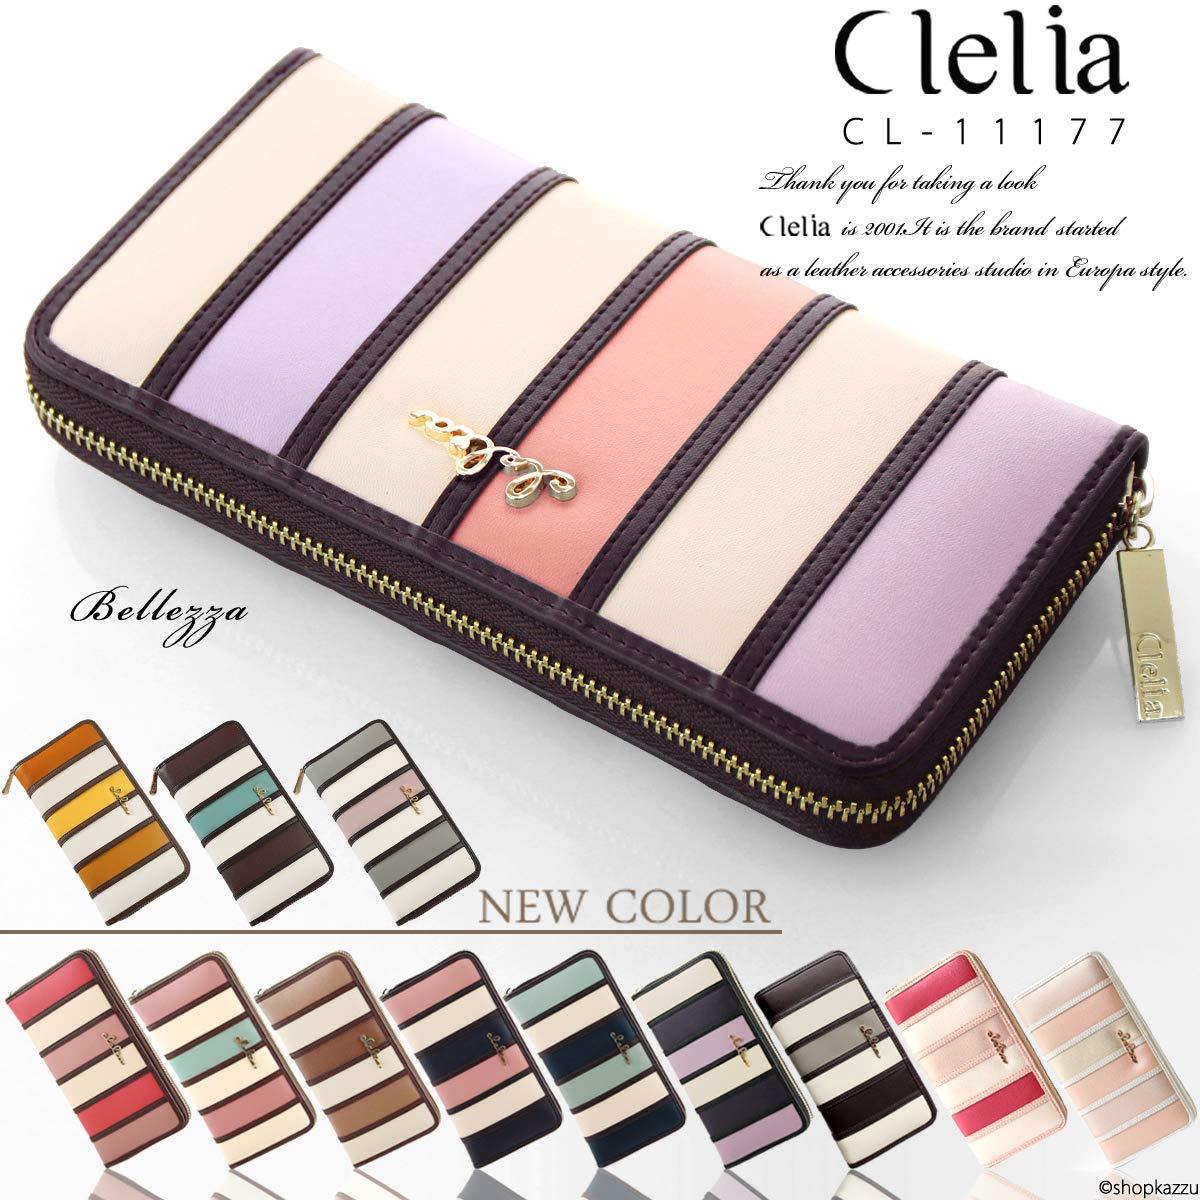 aa5bf673c769 Amazon | [クレリア] Clelia 長財布 レディース マルチカラー ラウンドファスナー 【CL-11177】 (アメジスト) |  Clelia(クレリア) | 財布